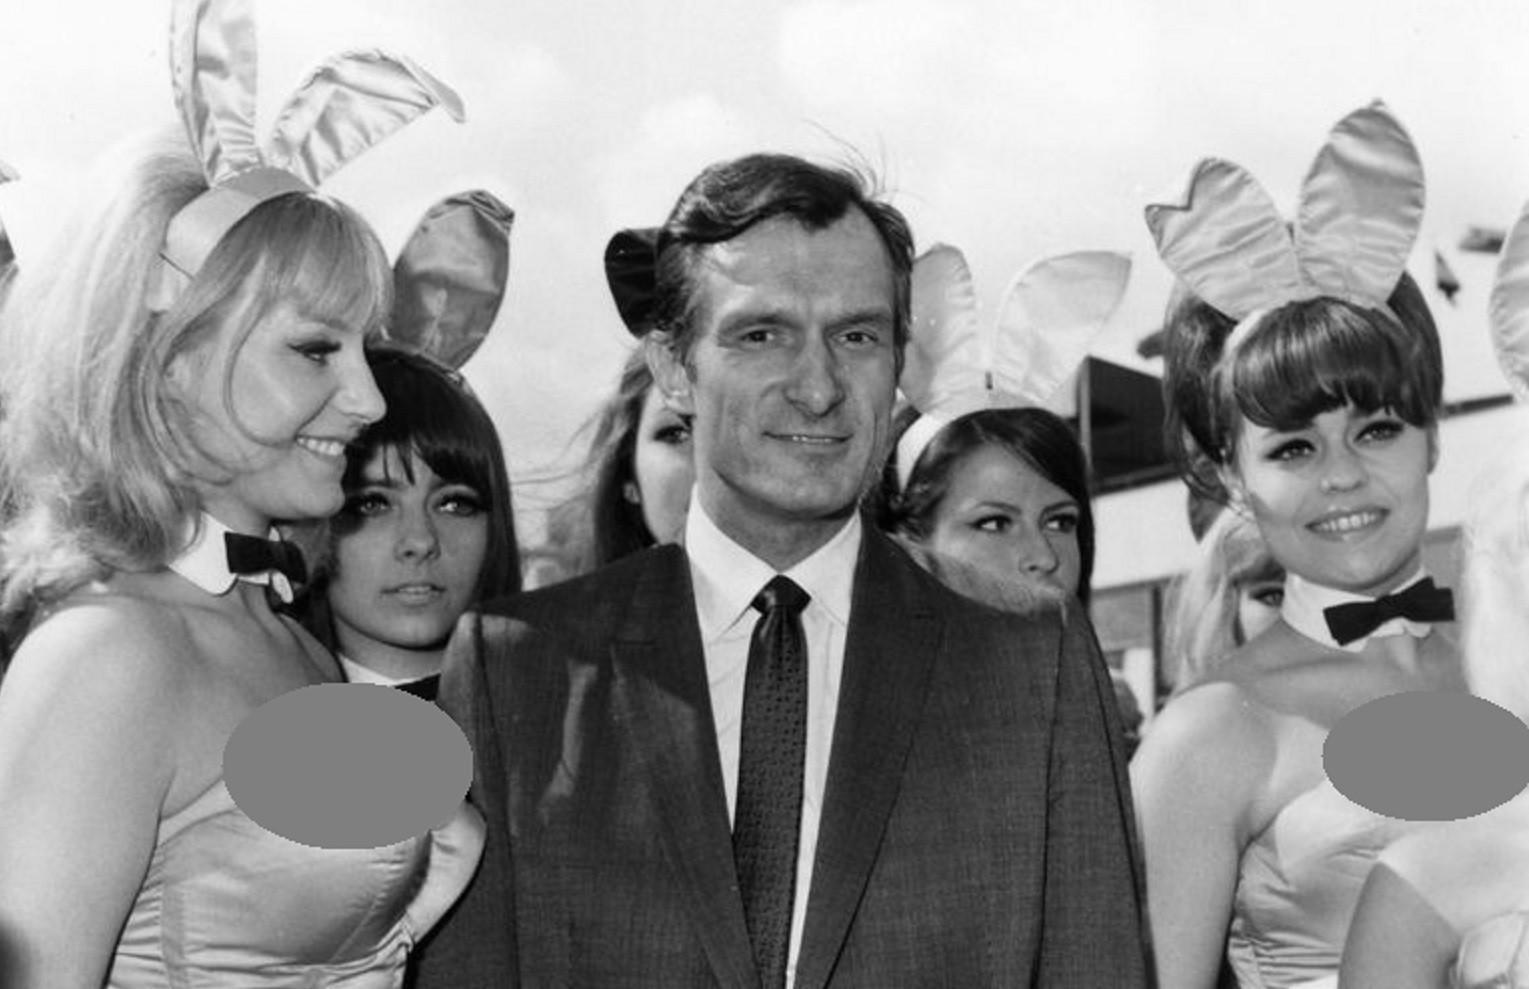 Hugh Hefner bersama Playboy Bunnies di tahun 1966 (Getty/ Cosmopolitan)